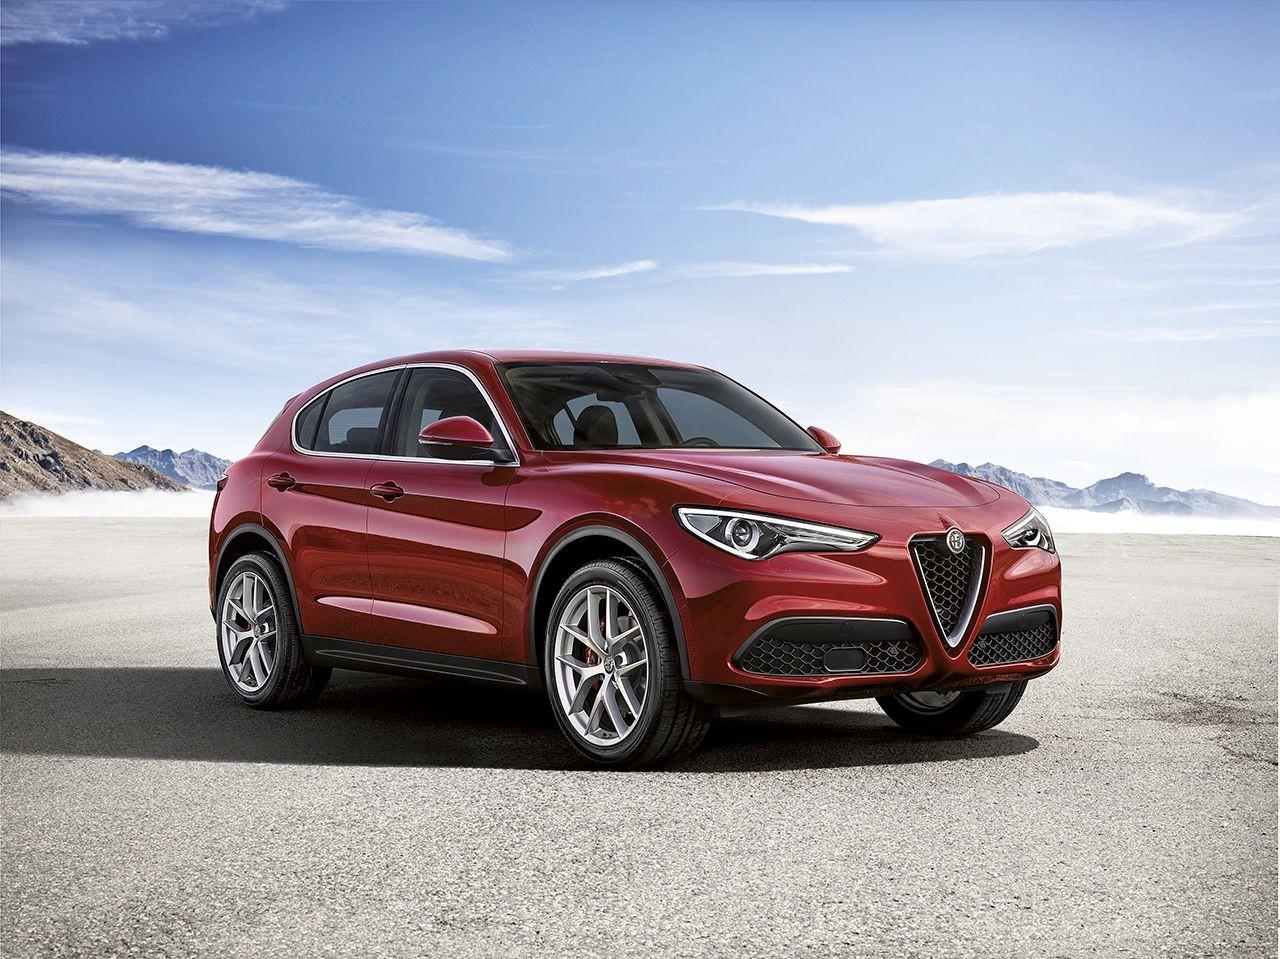 Ab sofort bestellbar: Der Alfa Romeo Stelvio First Edition!